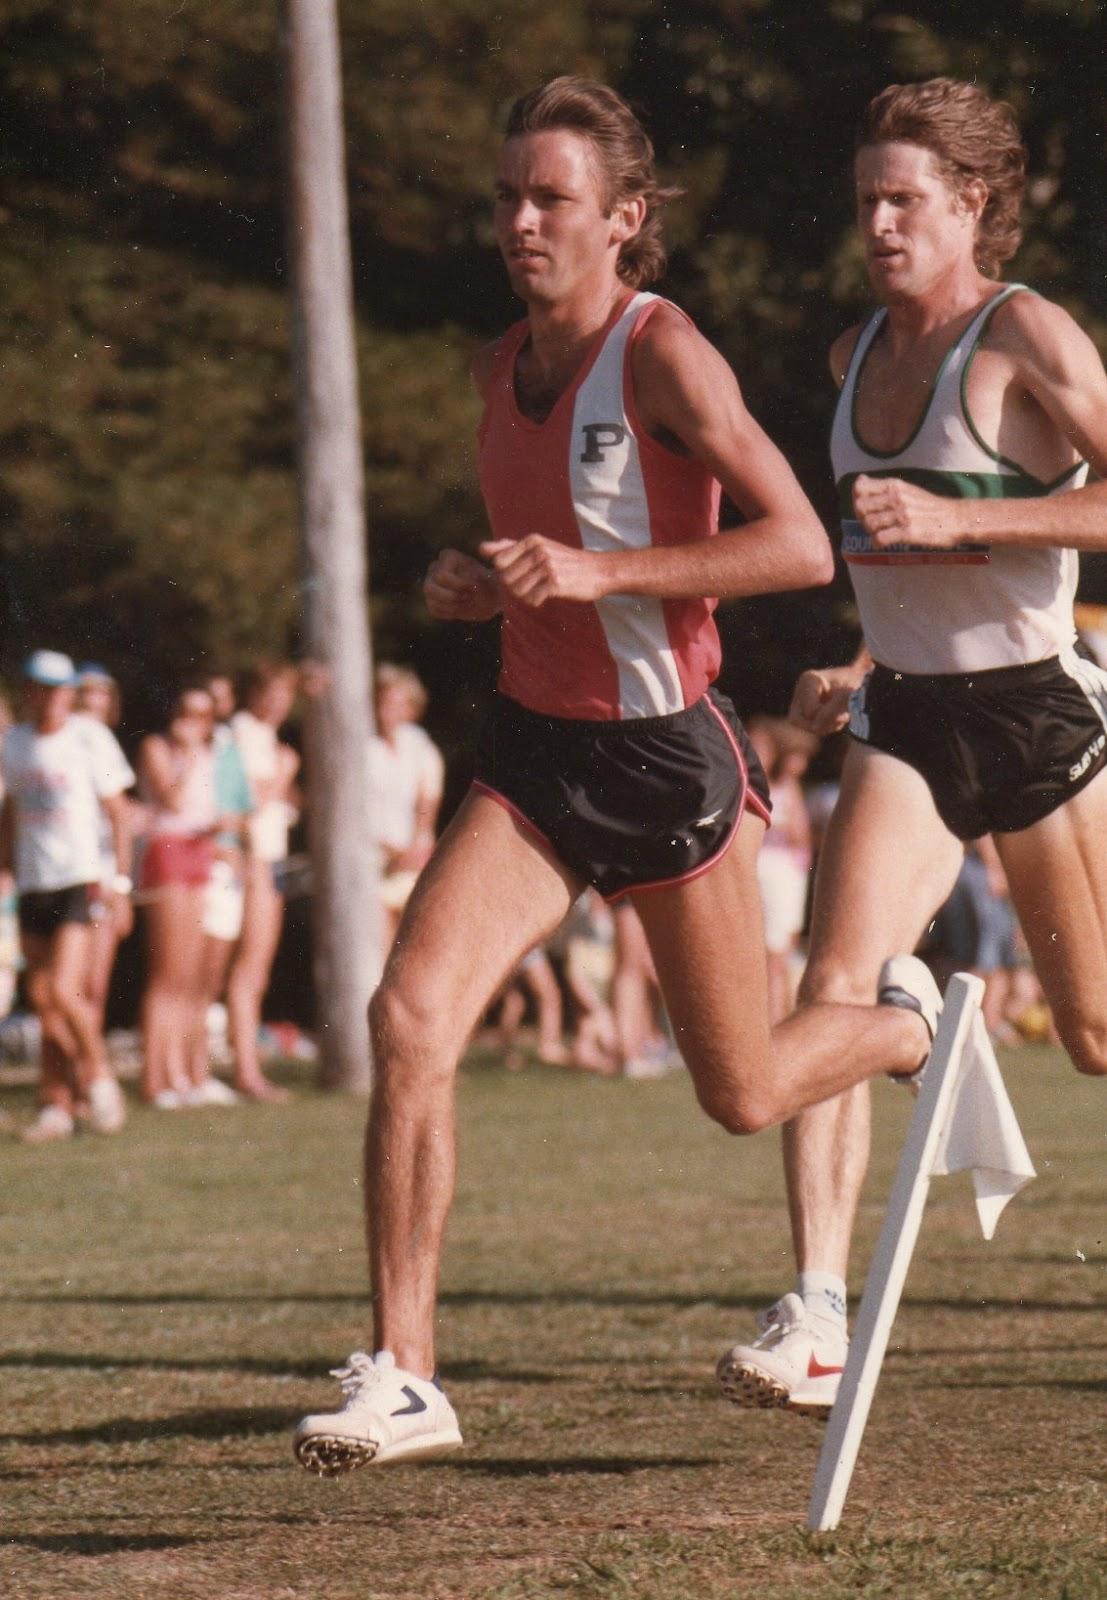 John walker runner